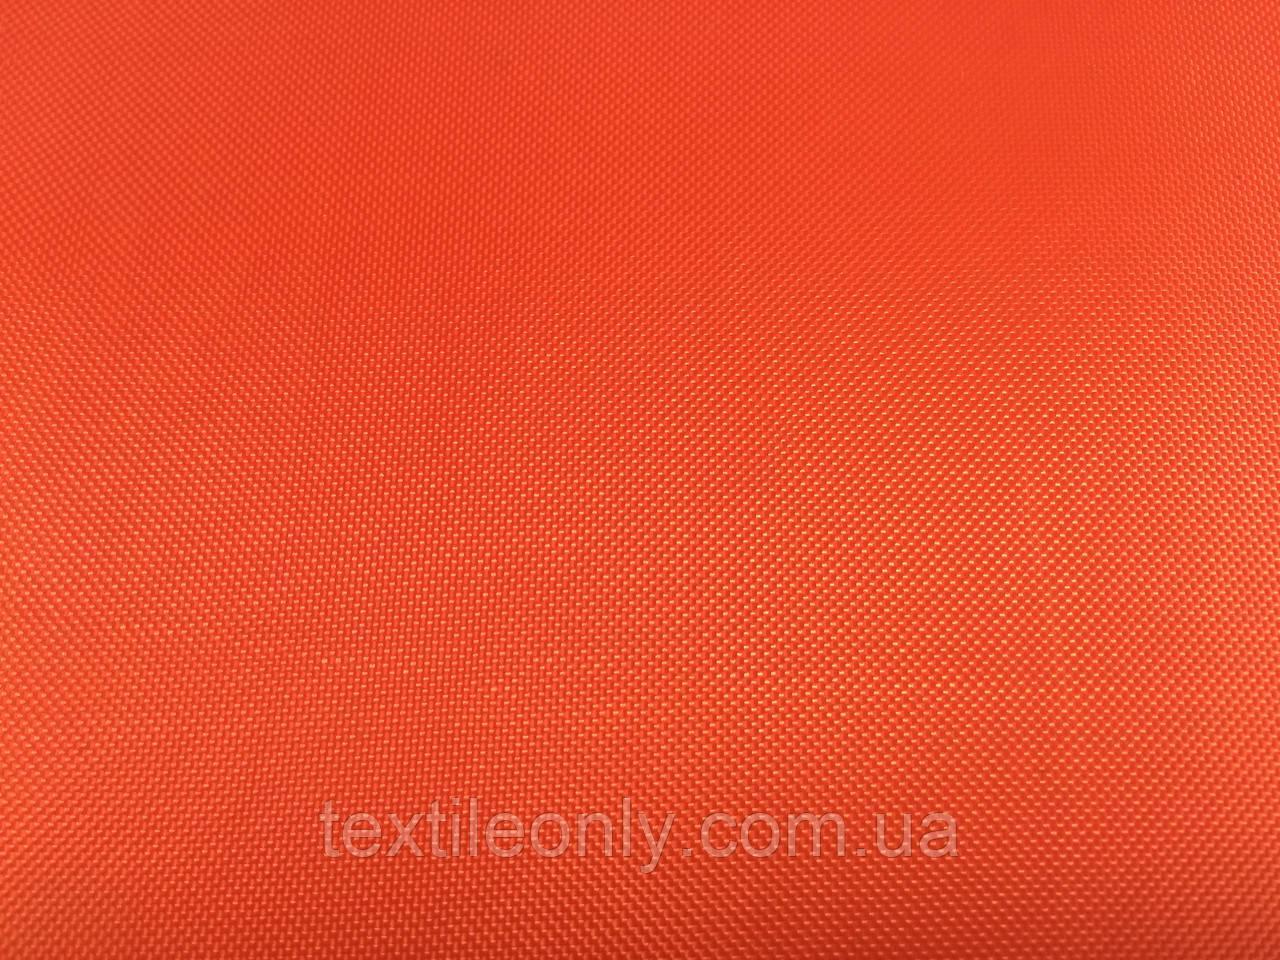 Тканина Сумочная 420 Д колір помаранчевий